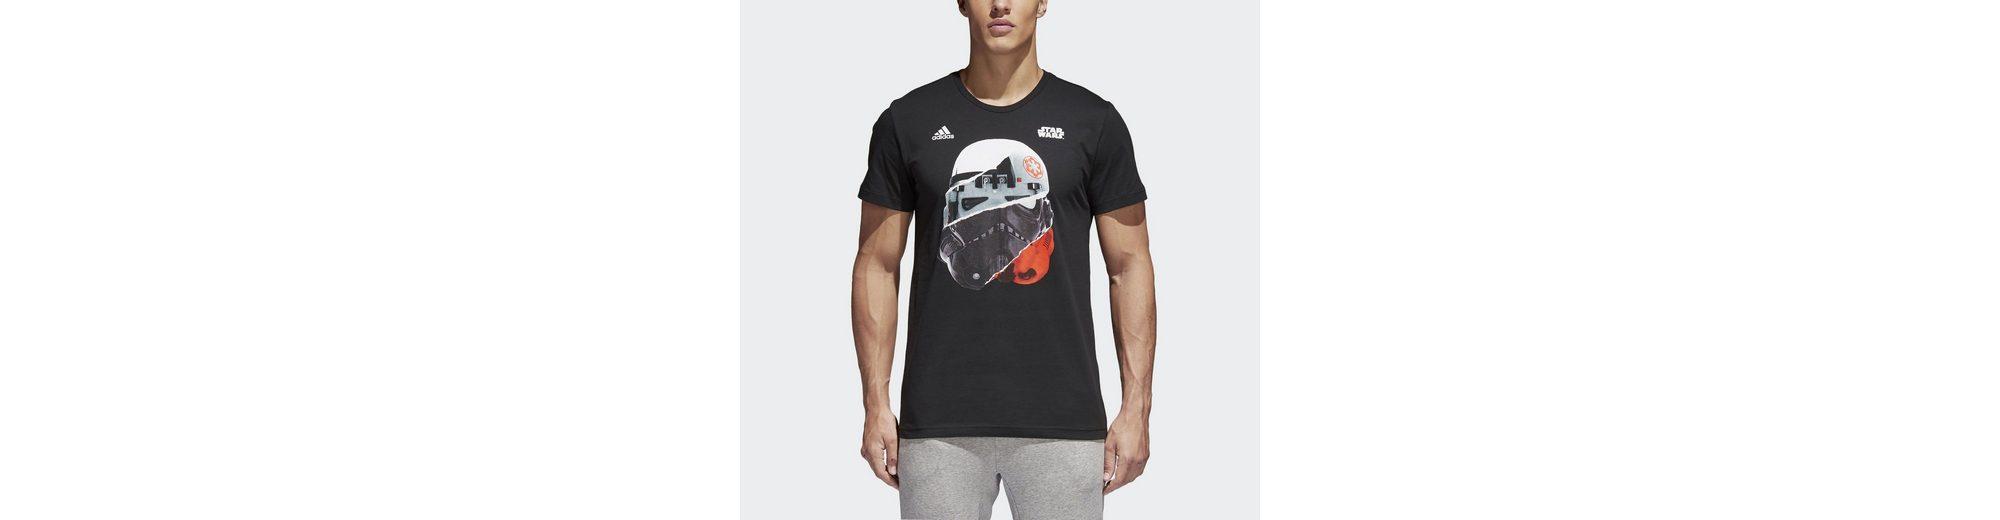 Spielraum Authentisch adidas Performance Sporttop Star Wars Storm Trooper Freies Verschiffen Ebay Fabrikverkauf Günstiger Preis B2MET